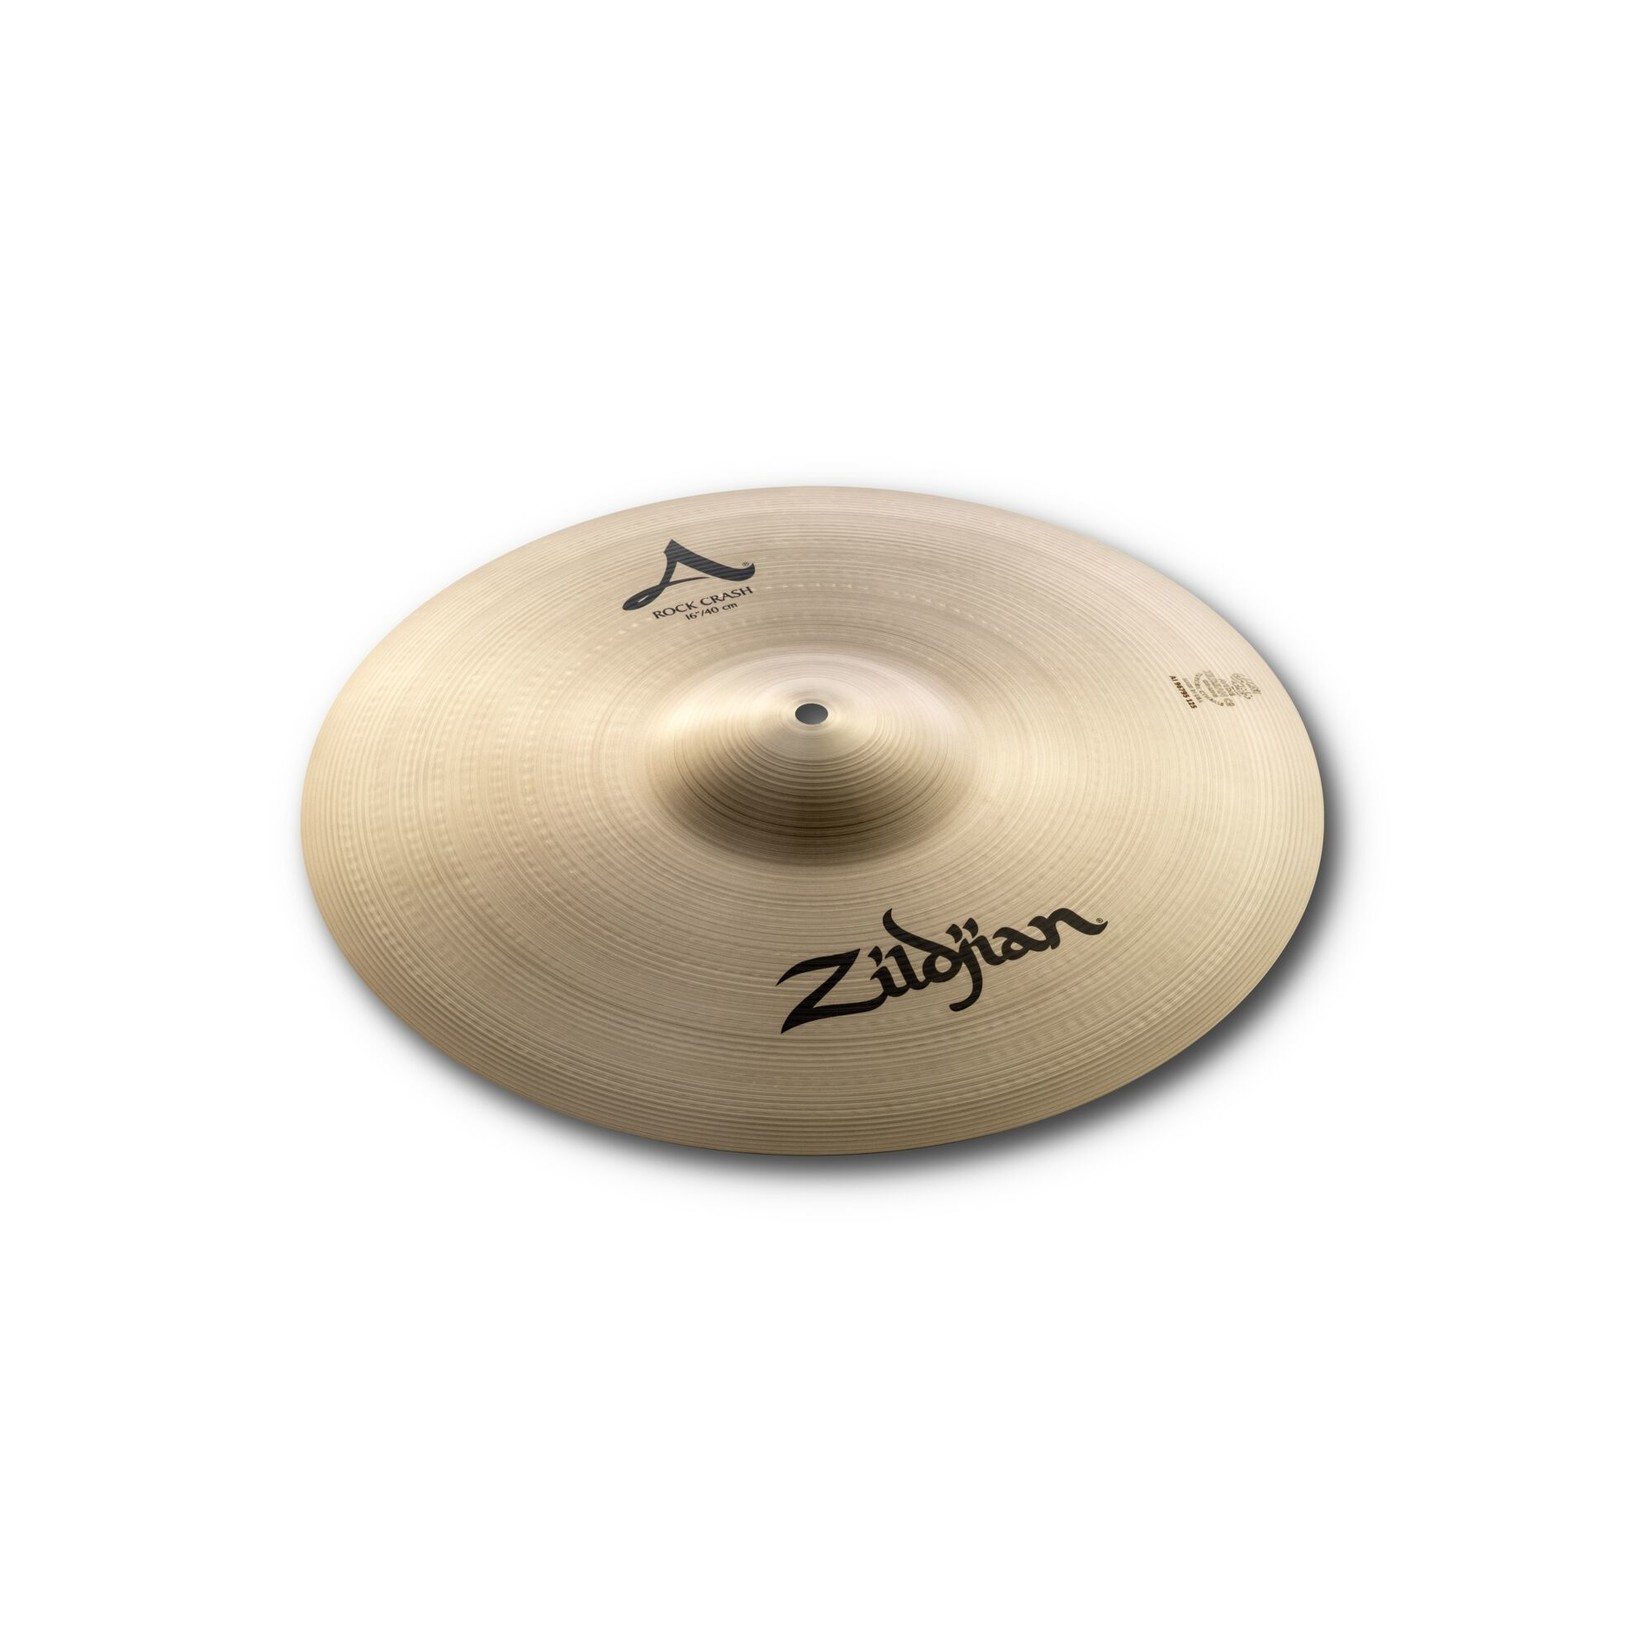 Zildjian Zildjian 16'' A Zildjian Rock Crash